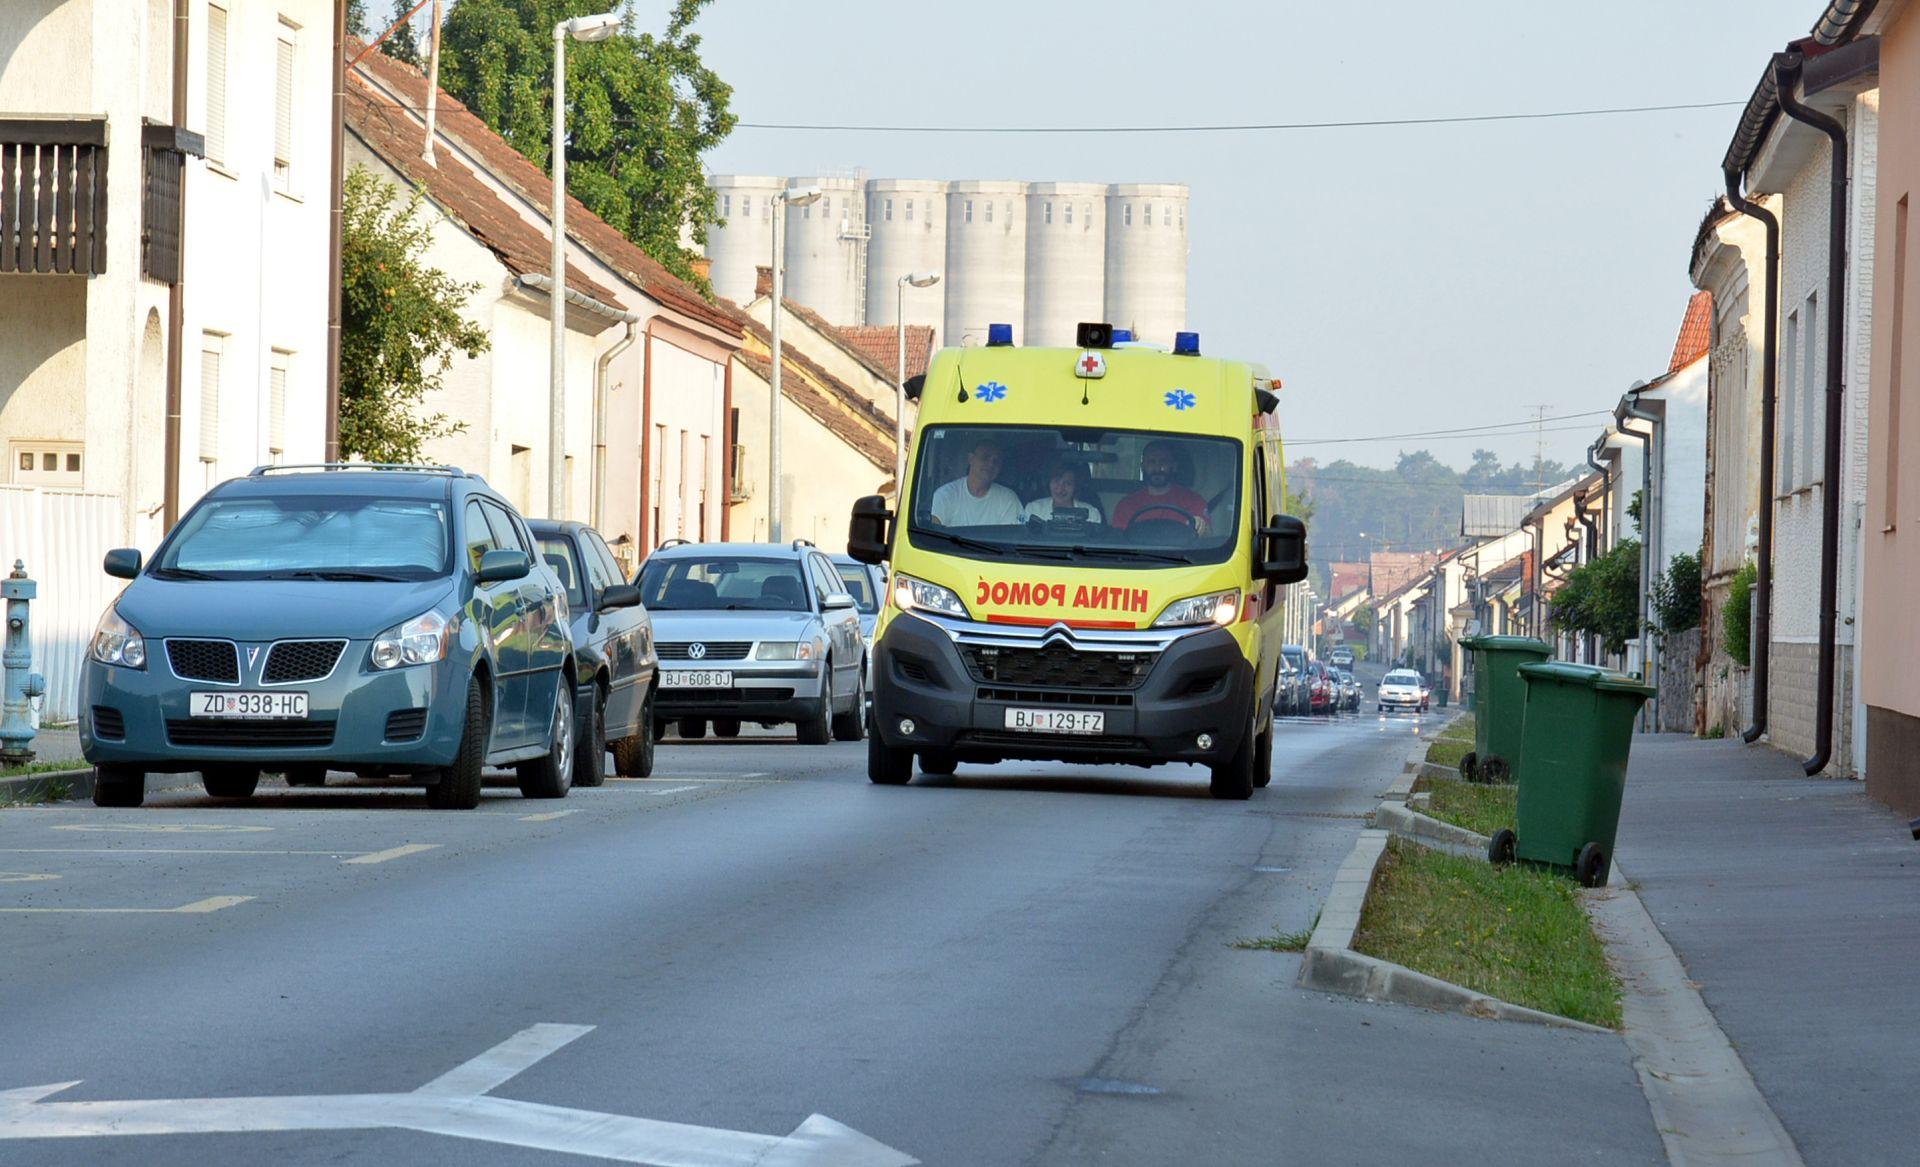 Ubojstvo u Zagrebu: Žena kuhinjskim nožem nasmrt izbola muškarca